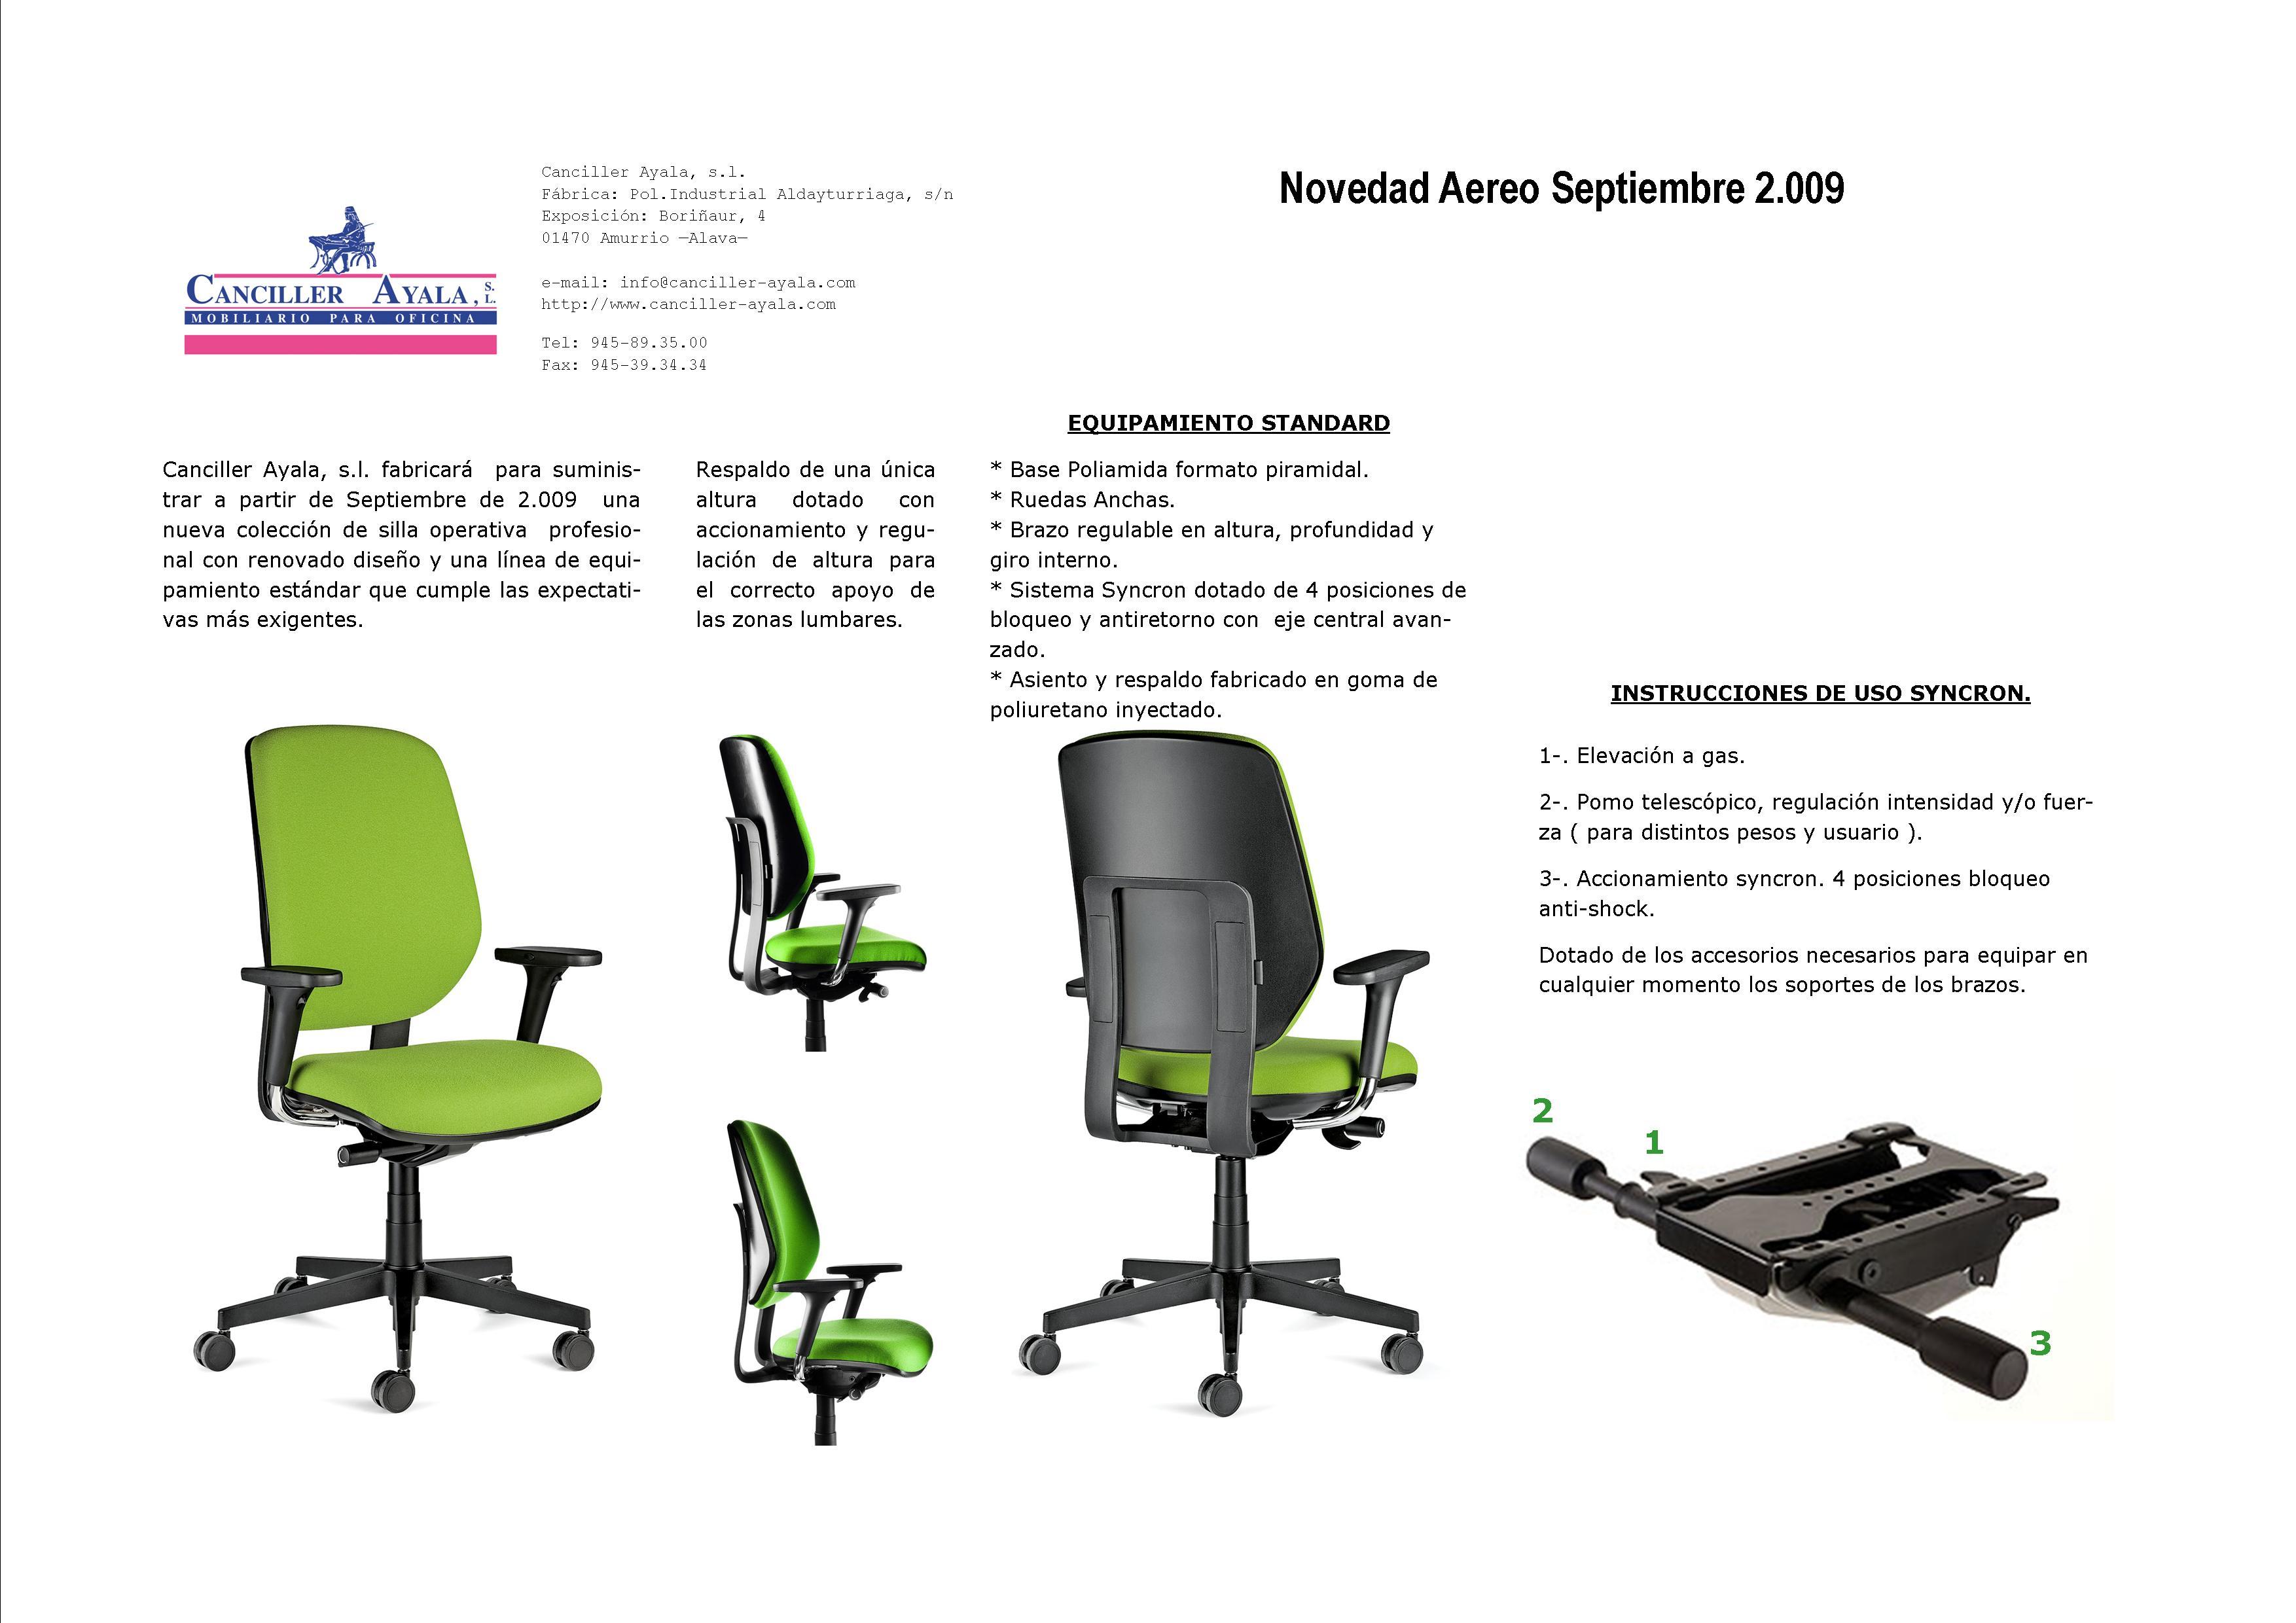 Canciller Ayala, S.L. © 2007 - Fabricante de sillas ergonómicas para ...